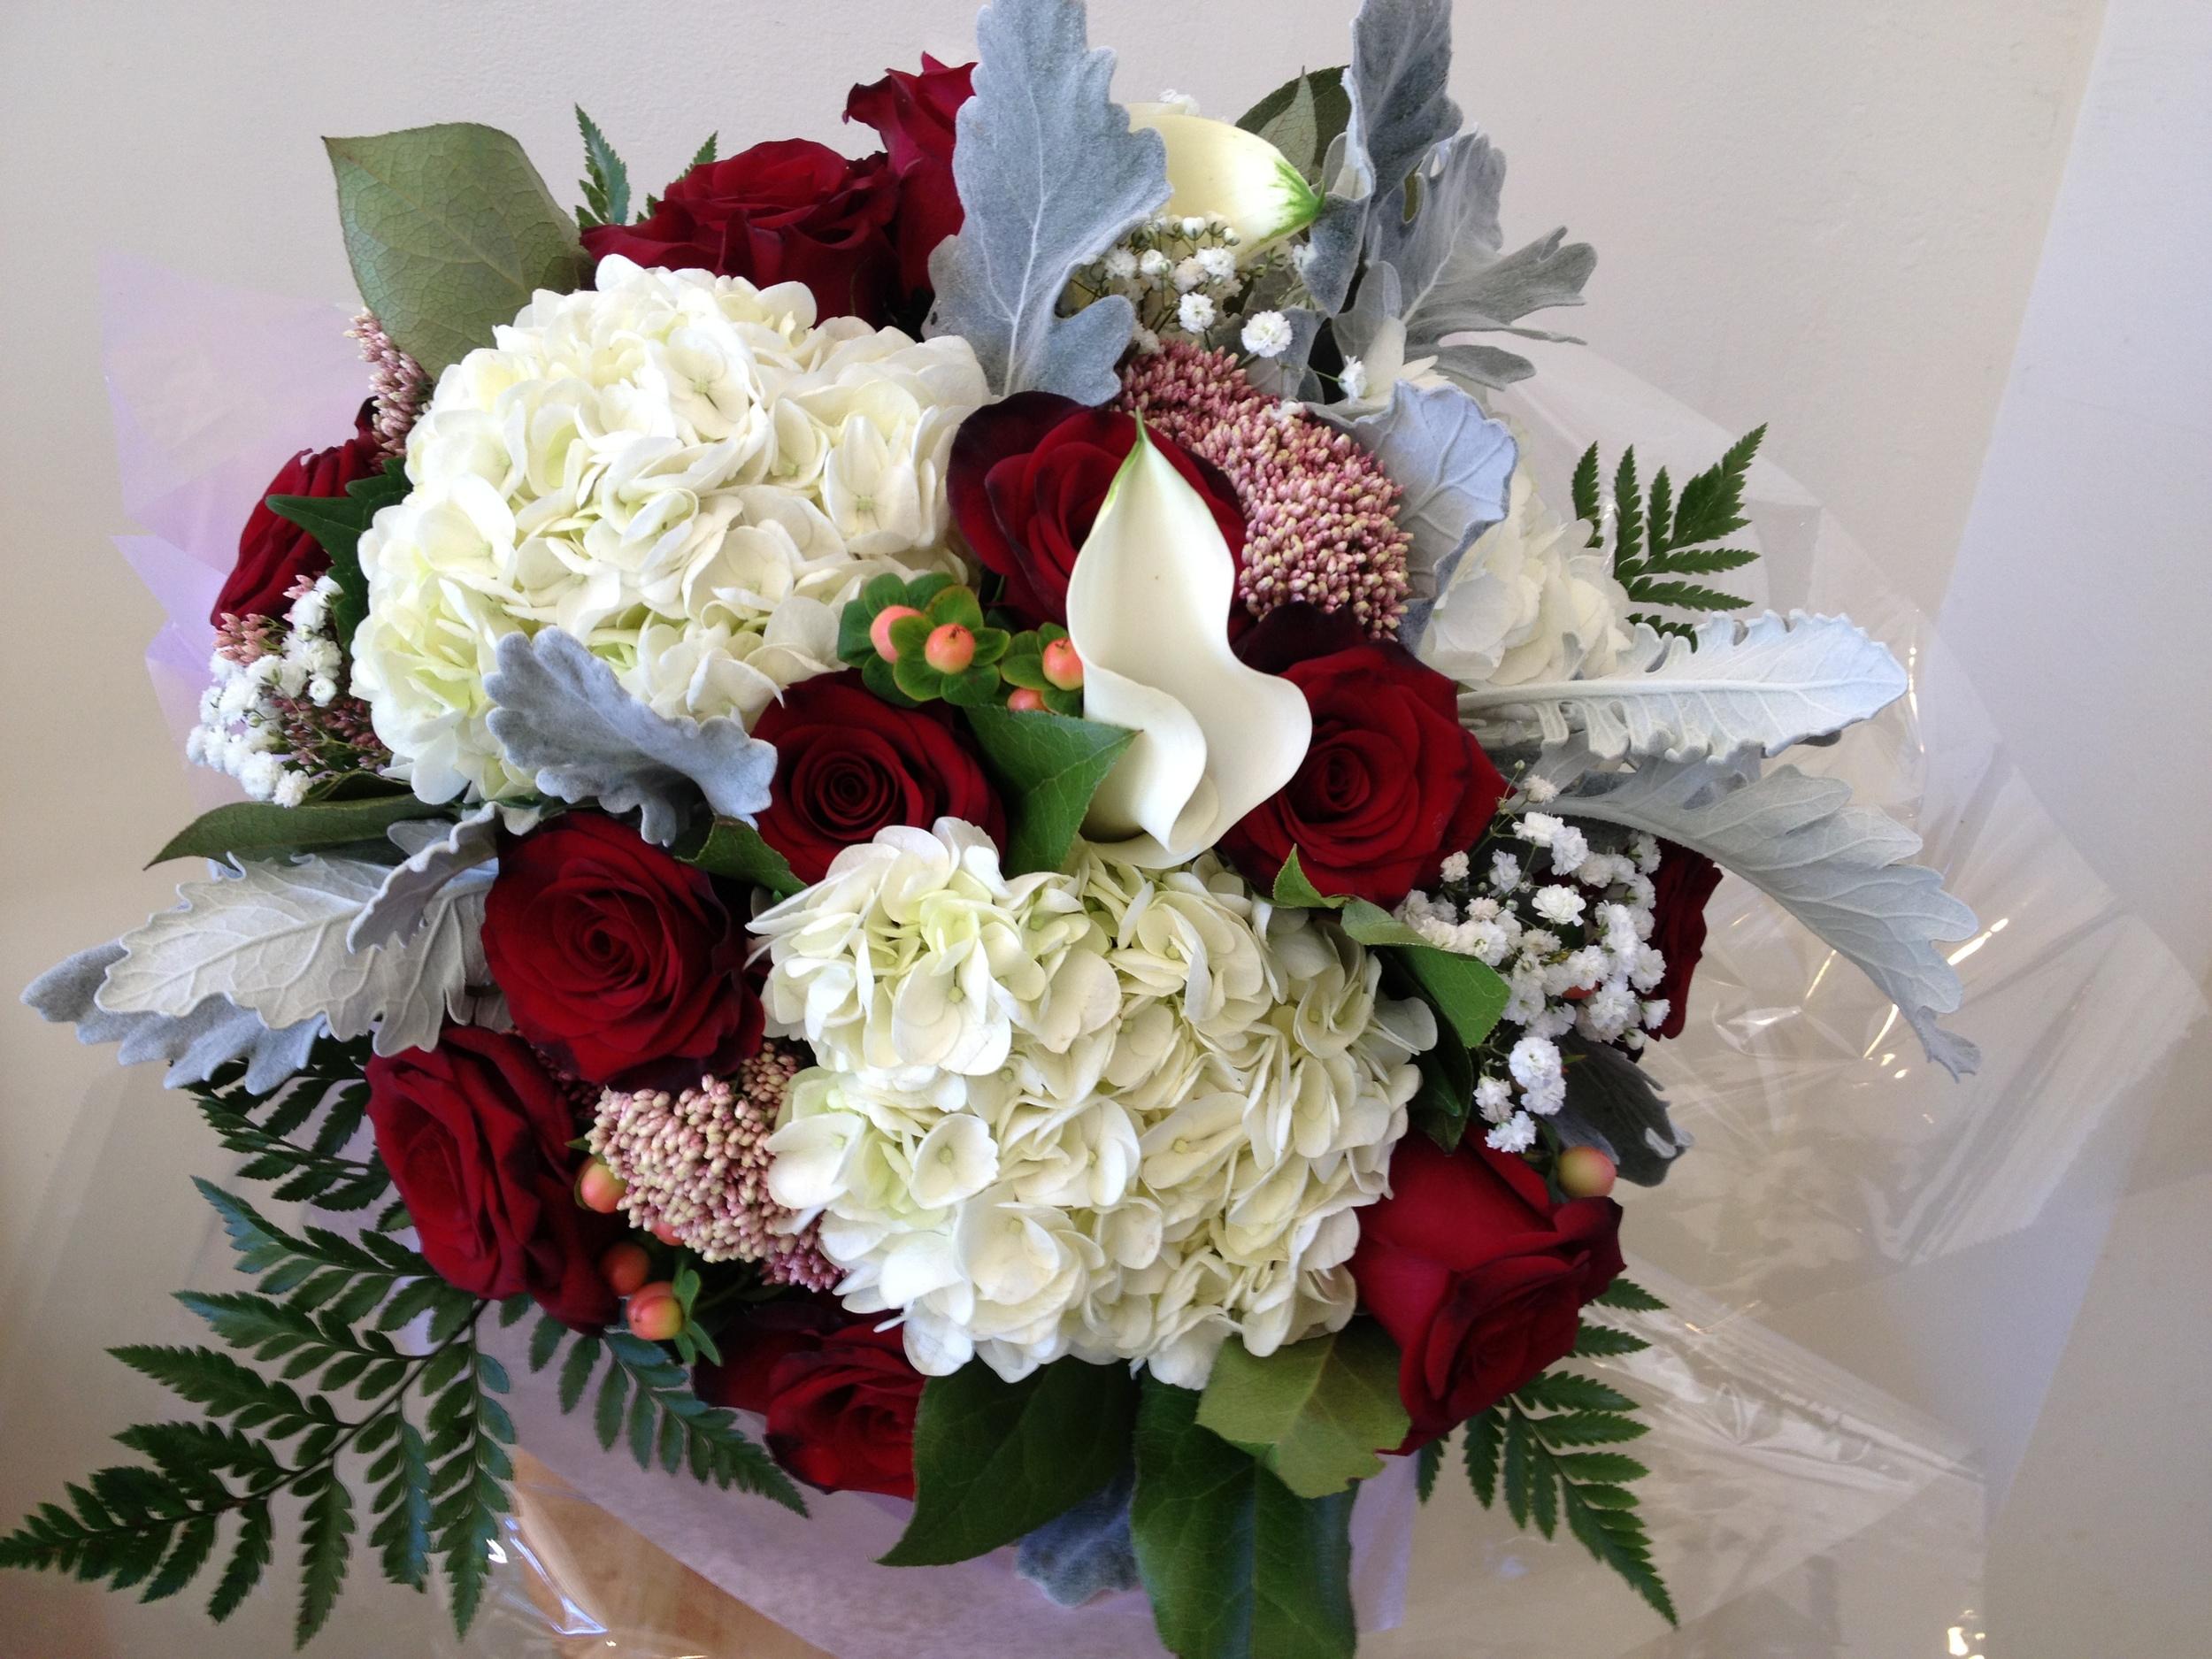 Seasonal Bouquet - $45 - 100